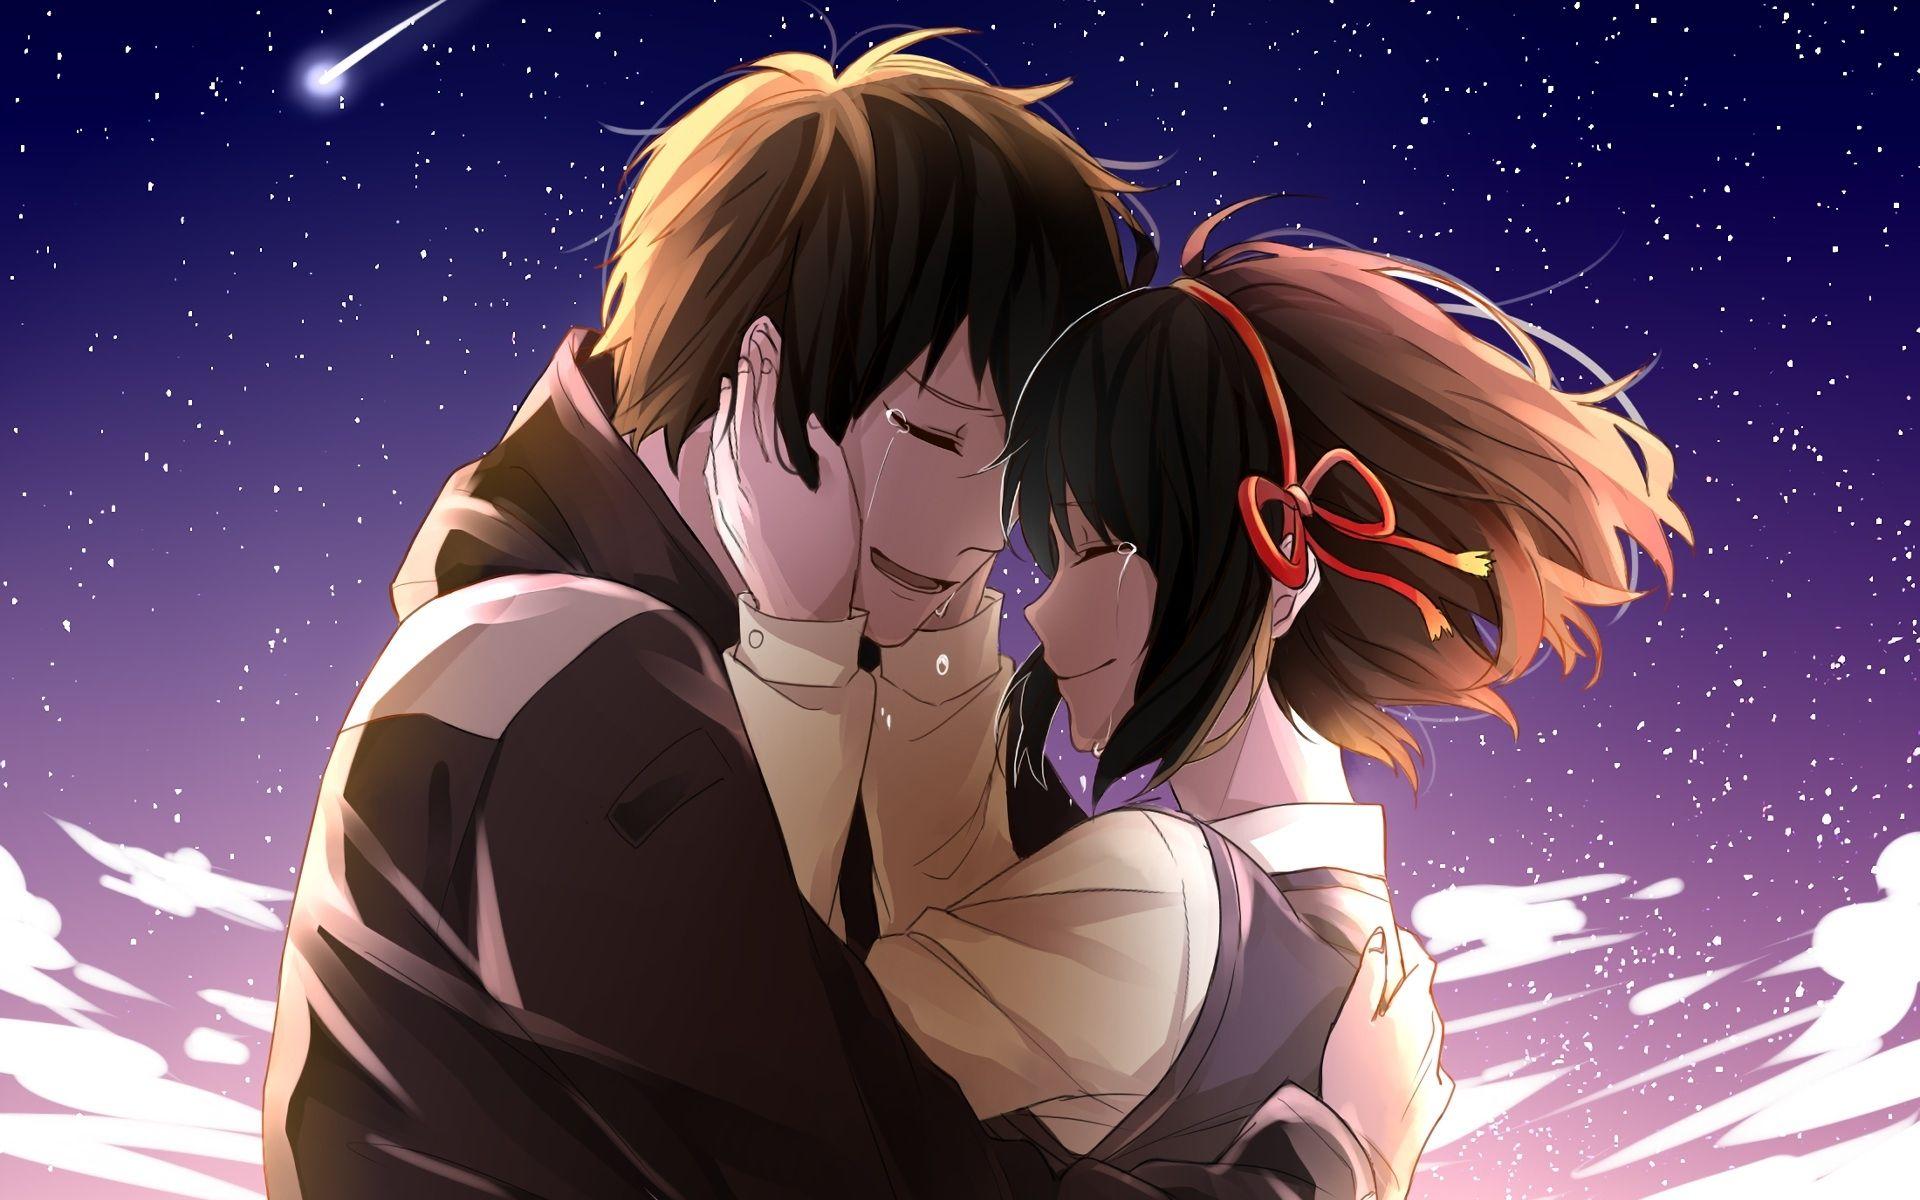 mitsuha x taki tears kimi no na wa your name taki tachibana mitsuha